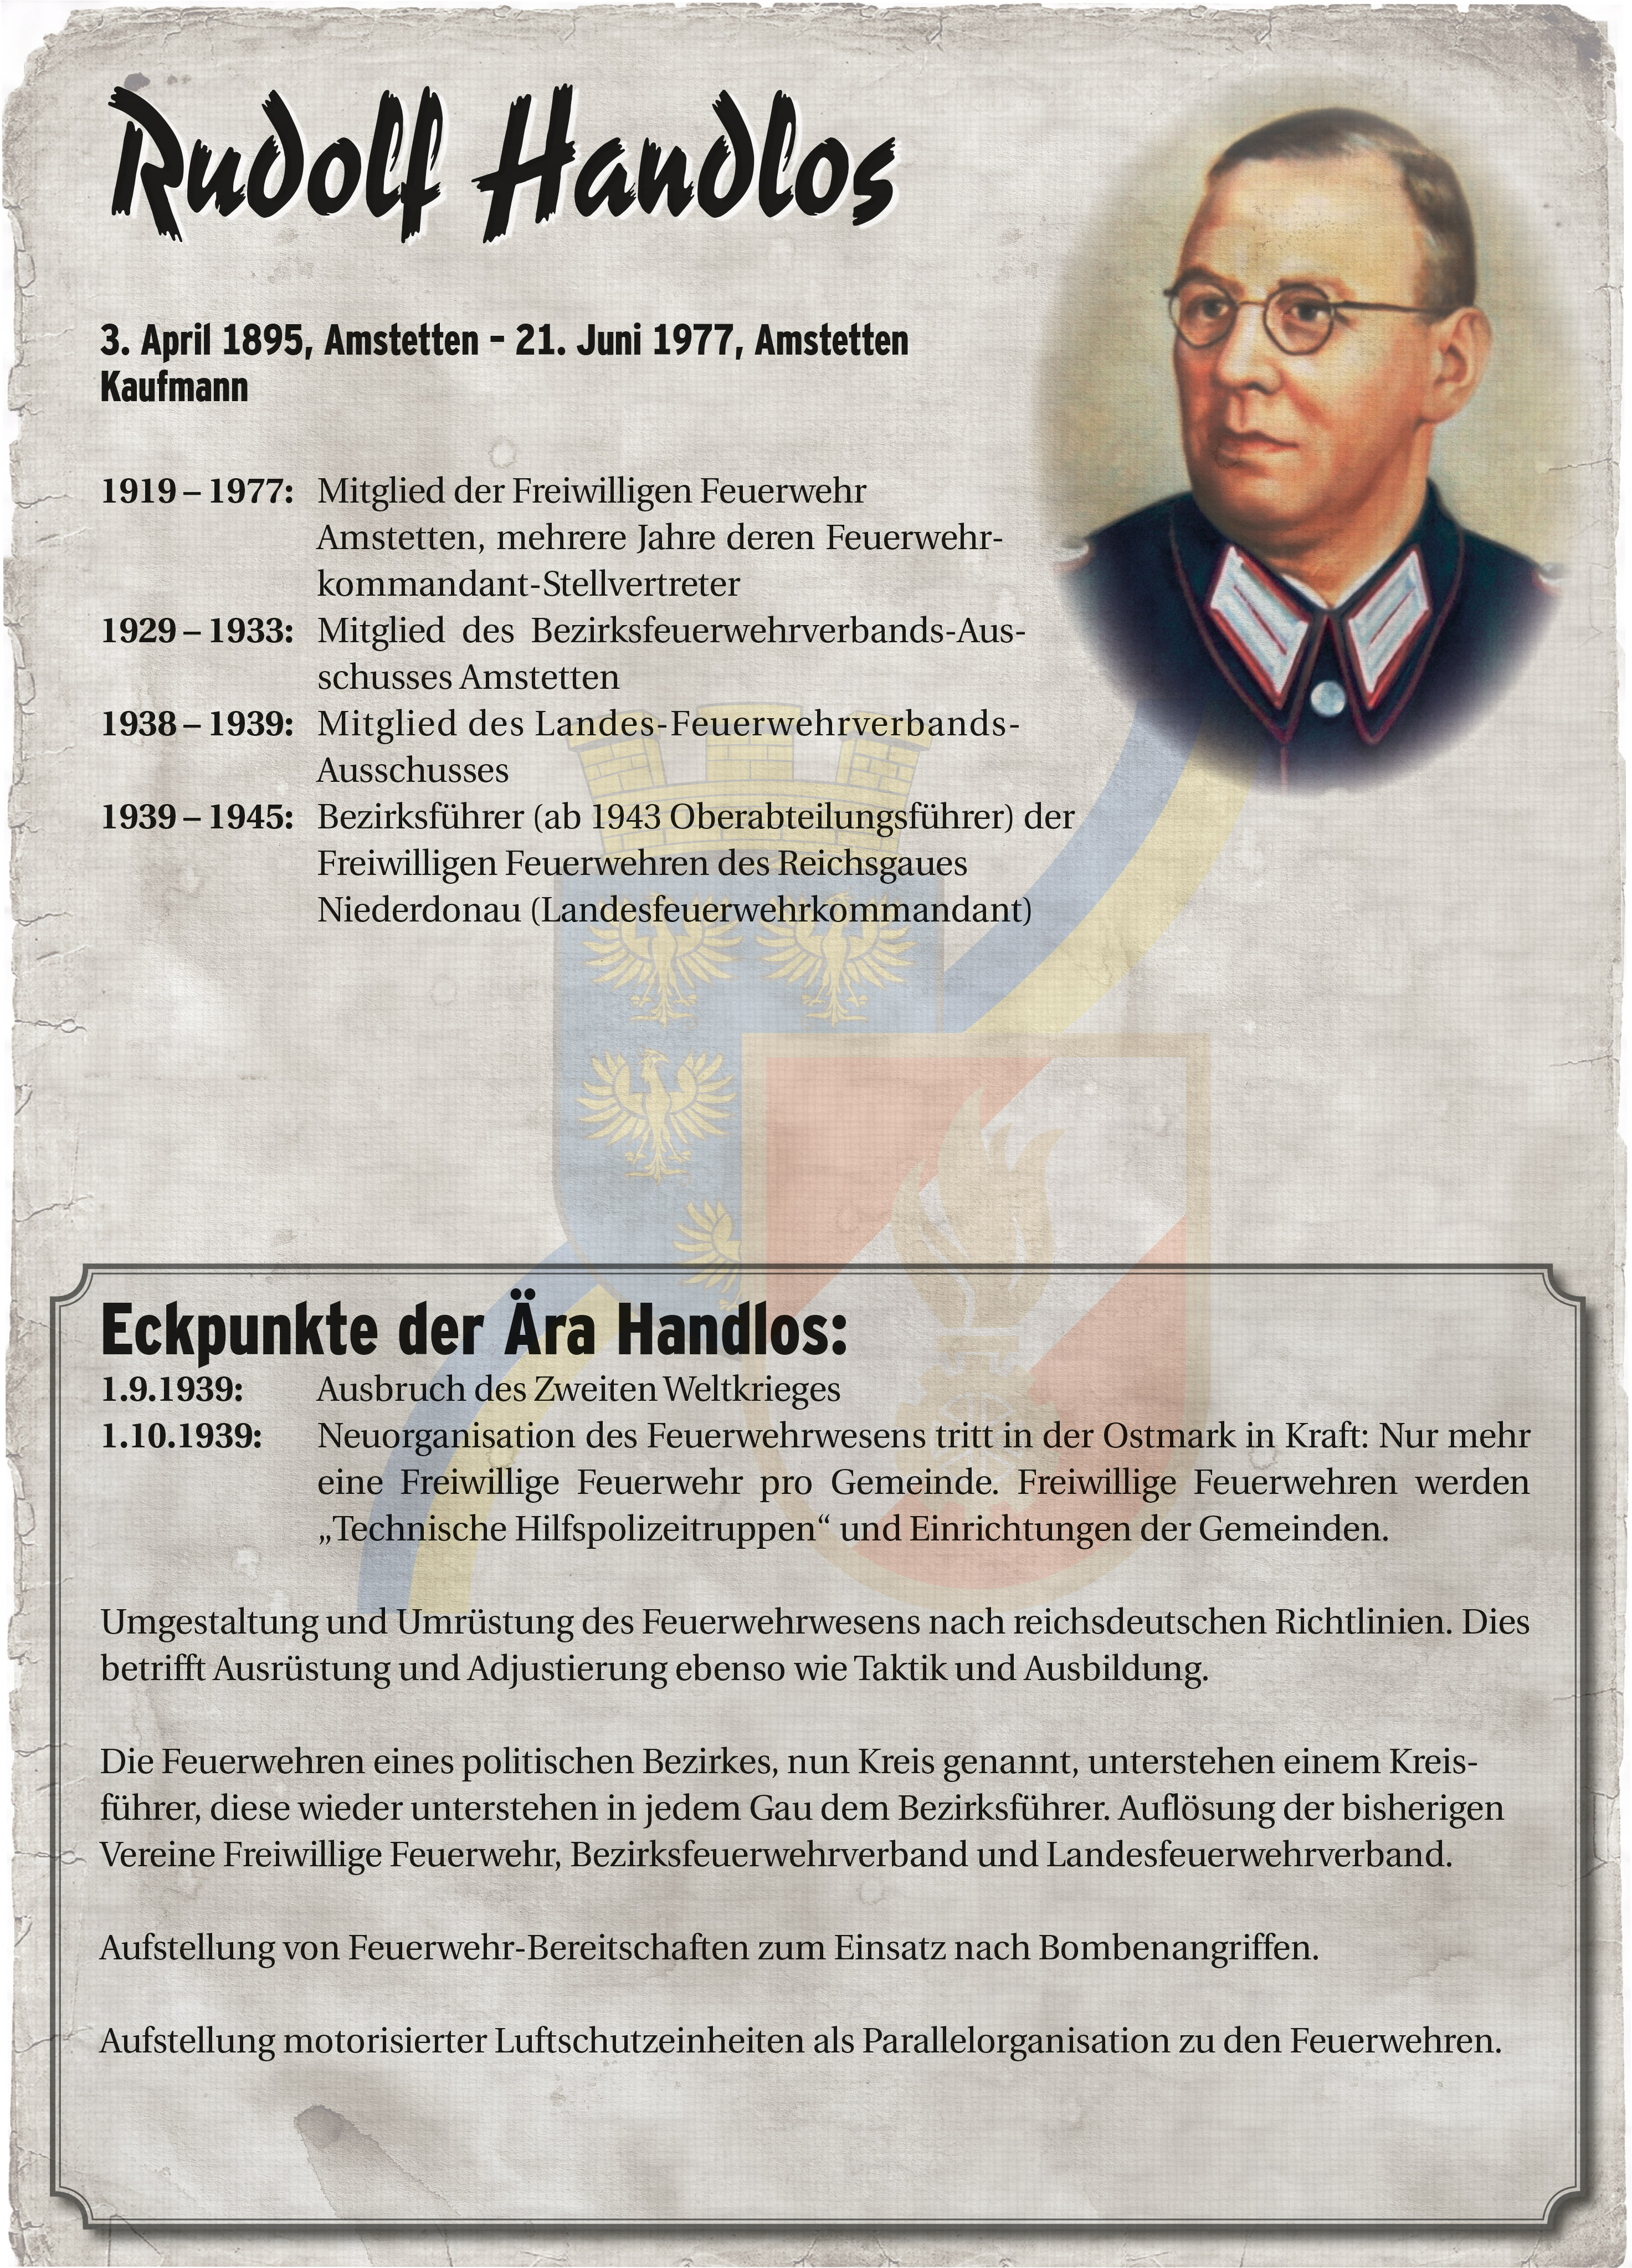 Infoblatt zur Zeit von Rudolf Handlos